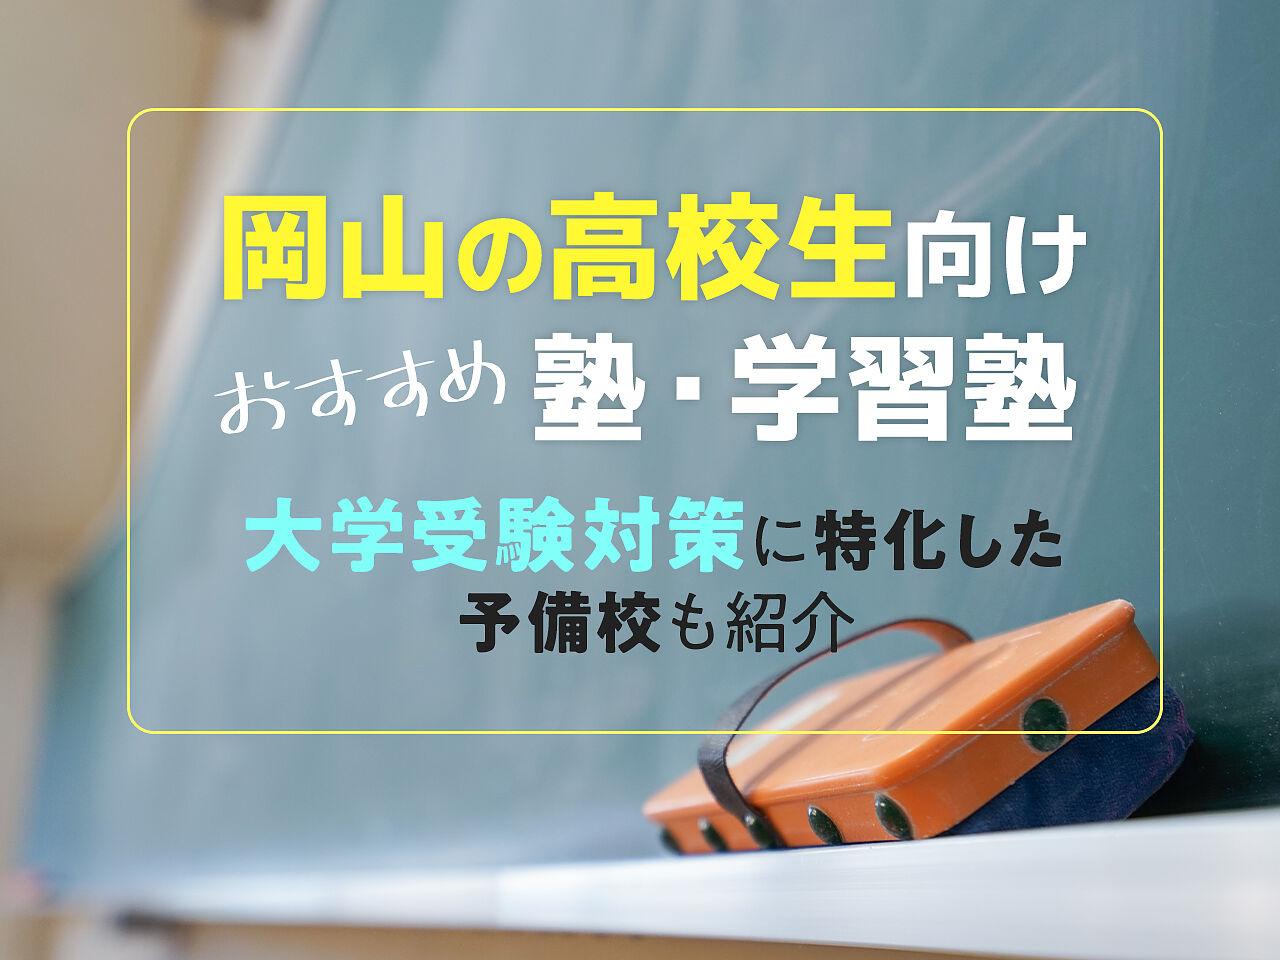 岡山の高校生向け塾・学習塾おすすめ22選!大学受験対策に特化した予備校も紹介の画像